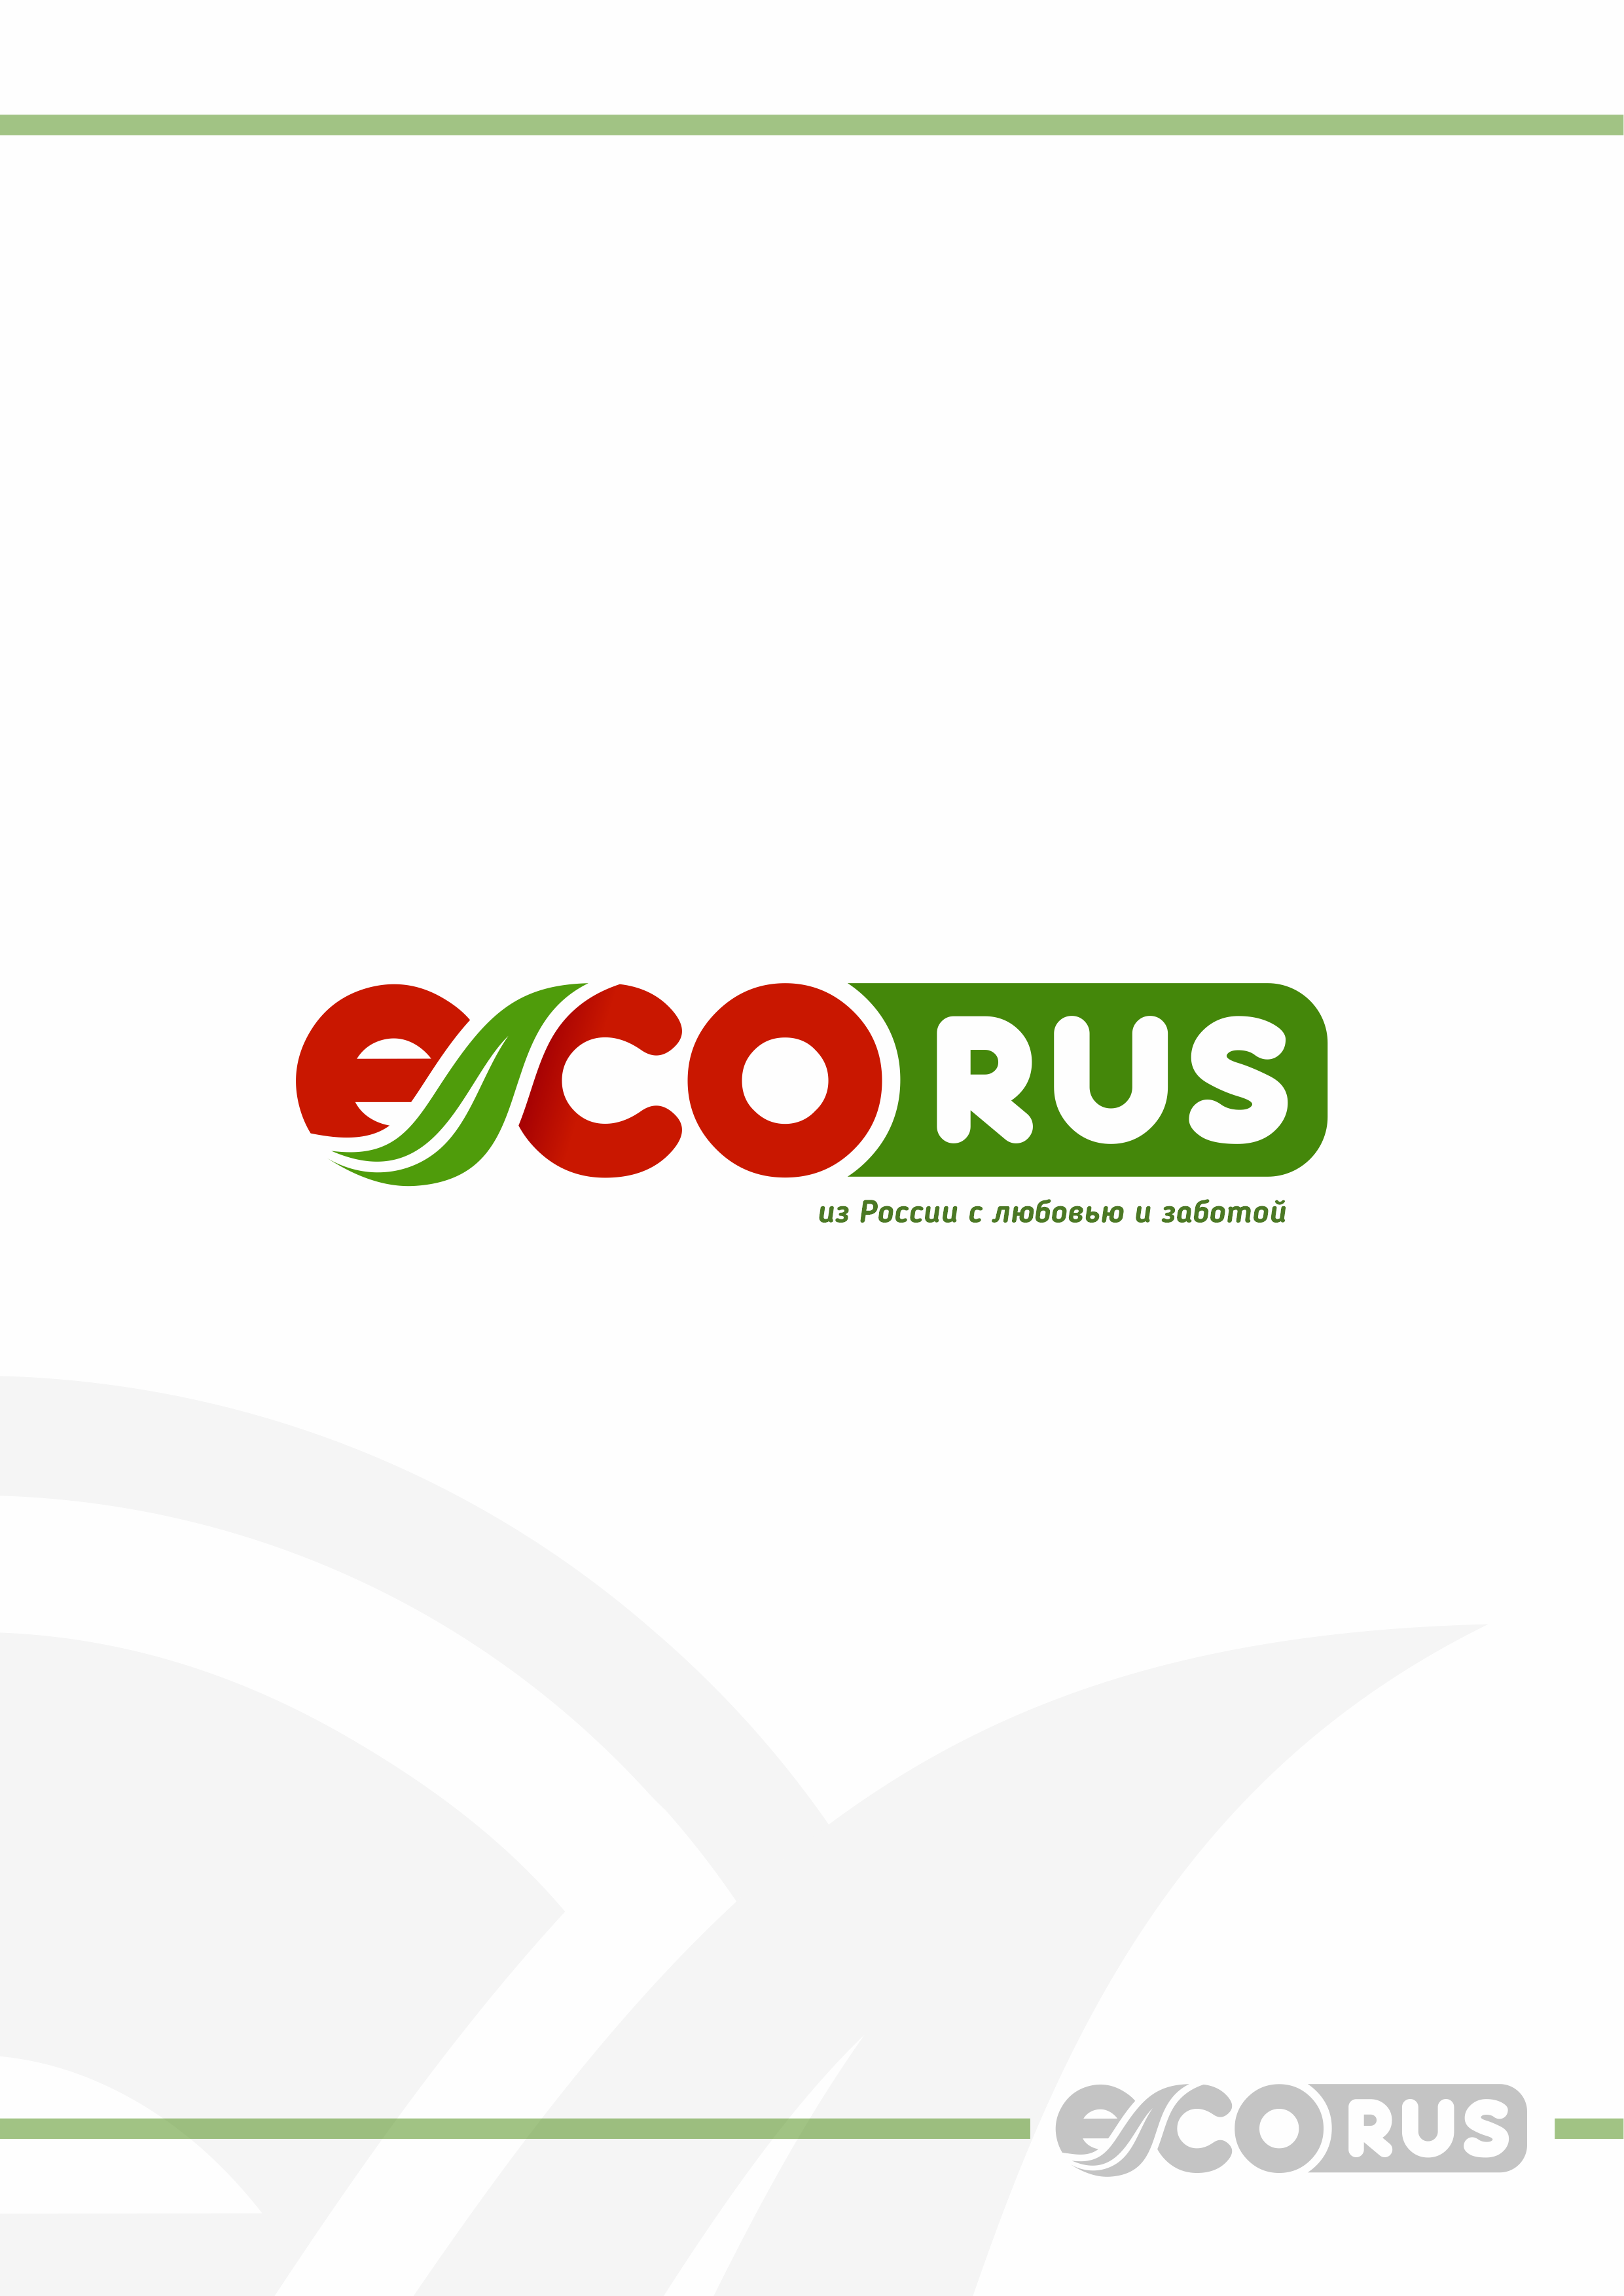 Логотип для поставщика продуктов питания из России в Китай фото f_3075ea72c7ea9b13.png